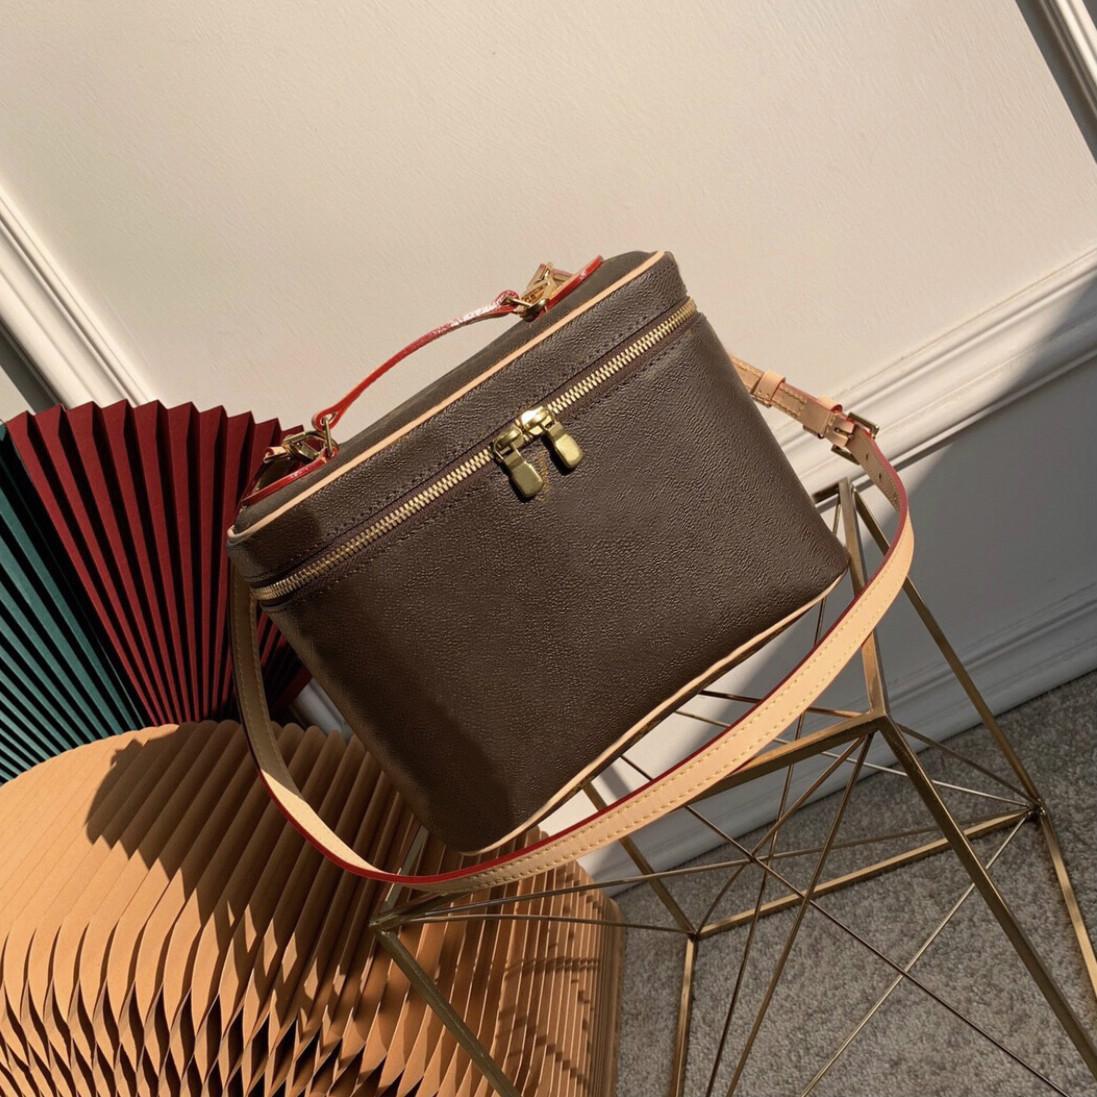 Wholesale Case Case для кожаного кошелька косметической сумки женщин на плечо косметическая сумка сумка Tote классический корпус корпус кошельки пресбиопический MHOCC